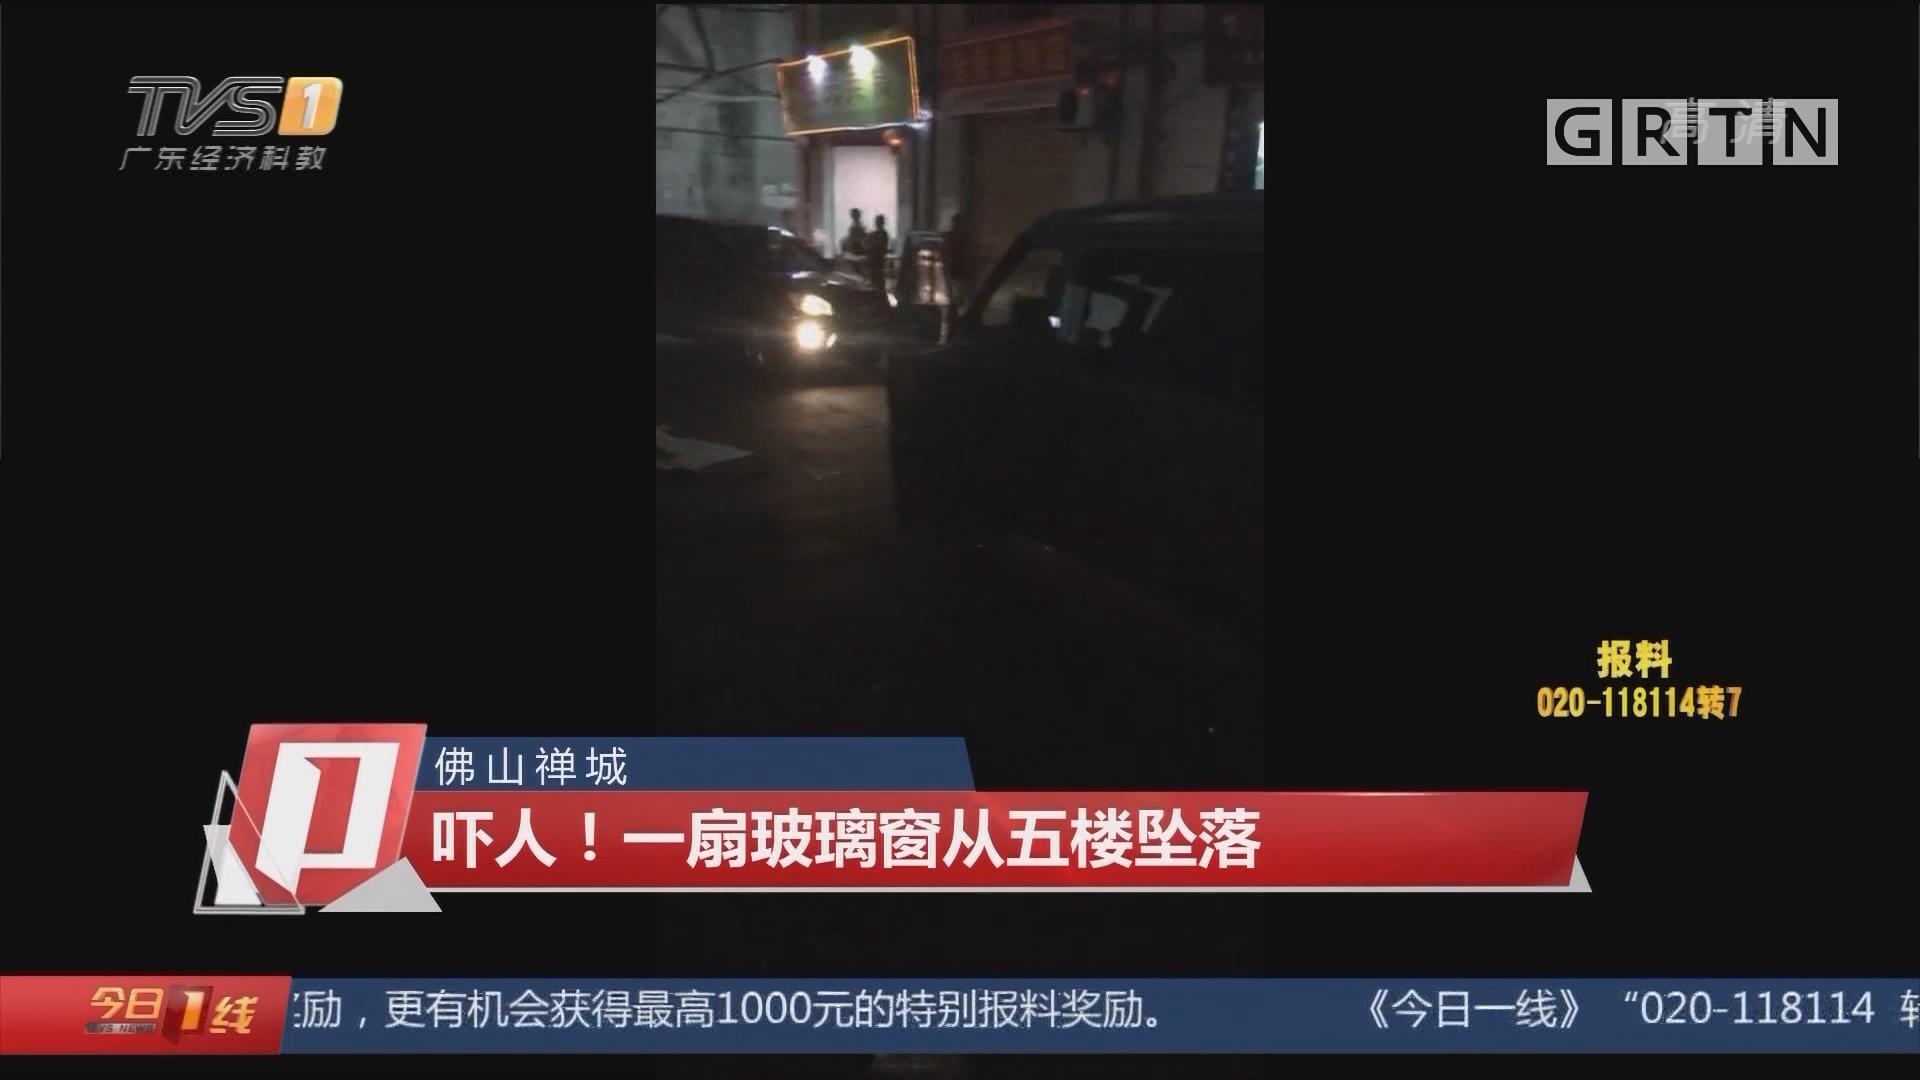 佛山禪城:嚇人!一扇玻璃窗從五樓墜落